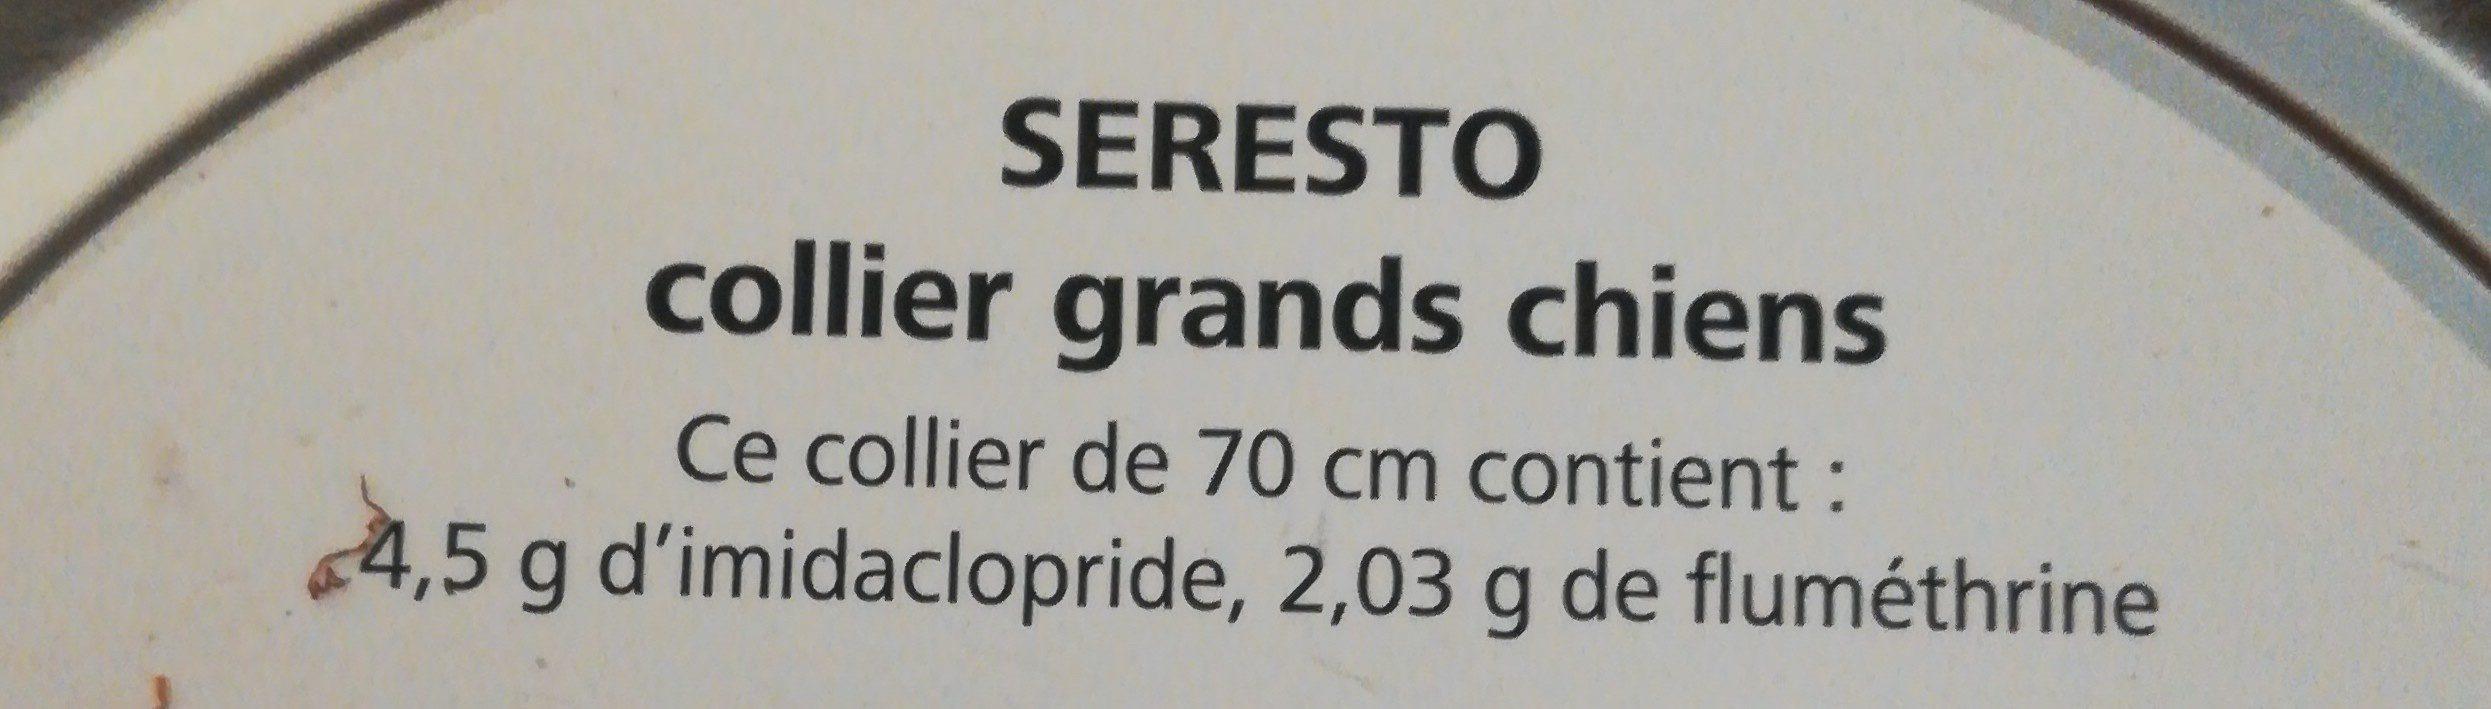 Bayer Seresto Collier 70CM Antiparasitaire Grand Chien - Ingredients